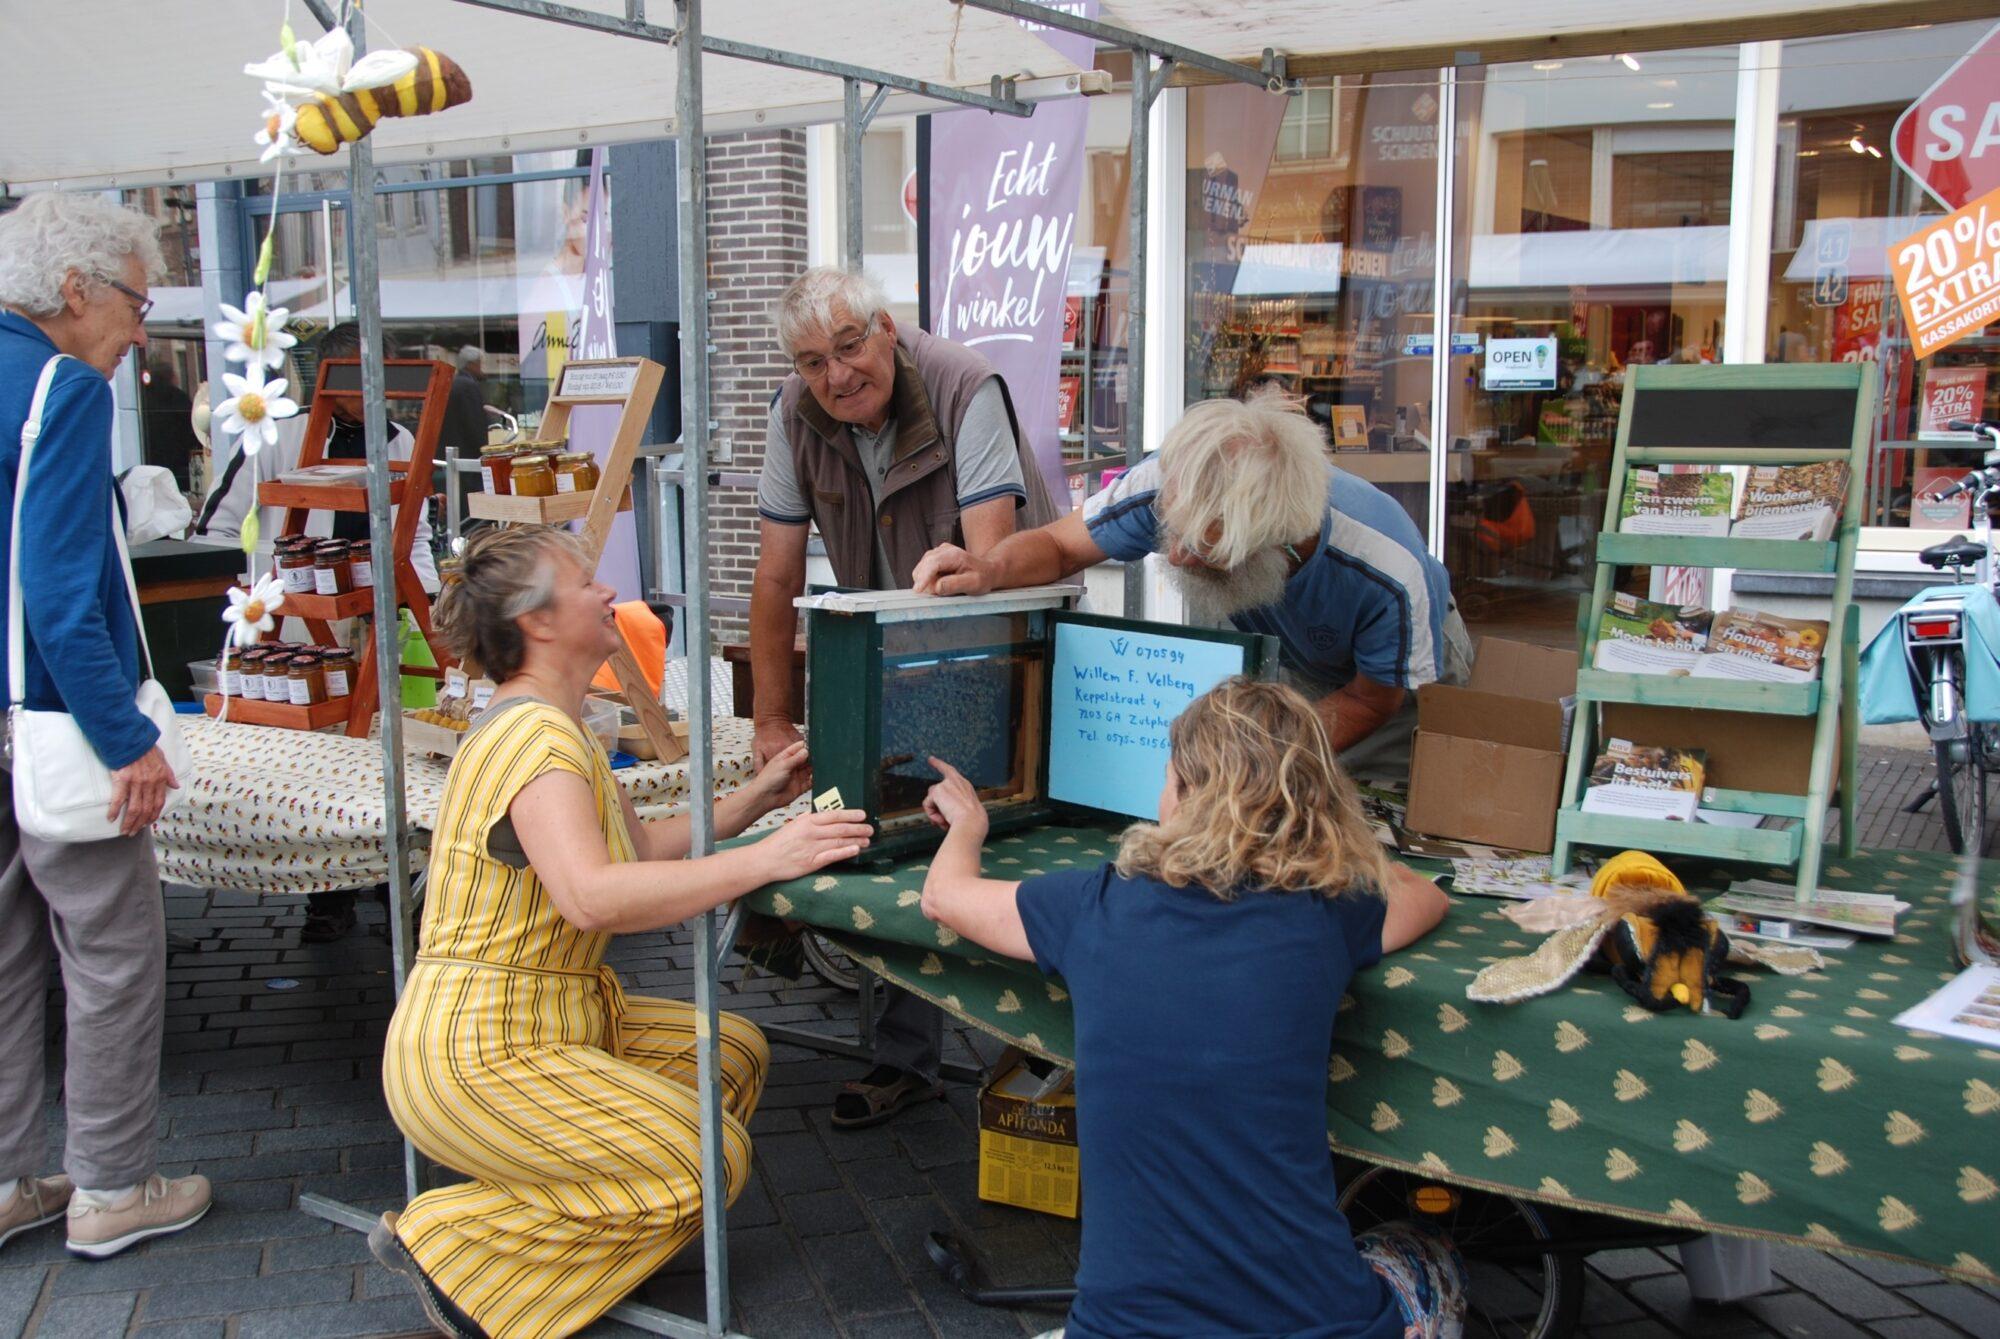 Honingmarkt in Zutphen met kramen op veilige afstand